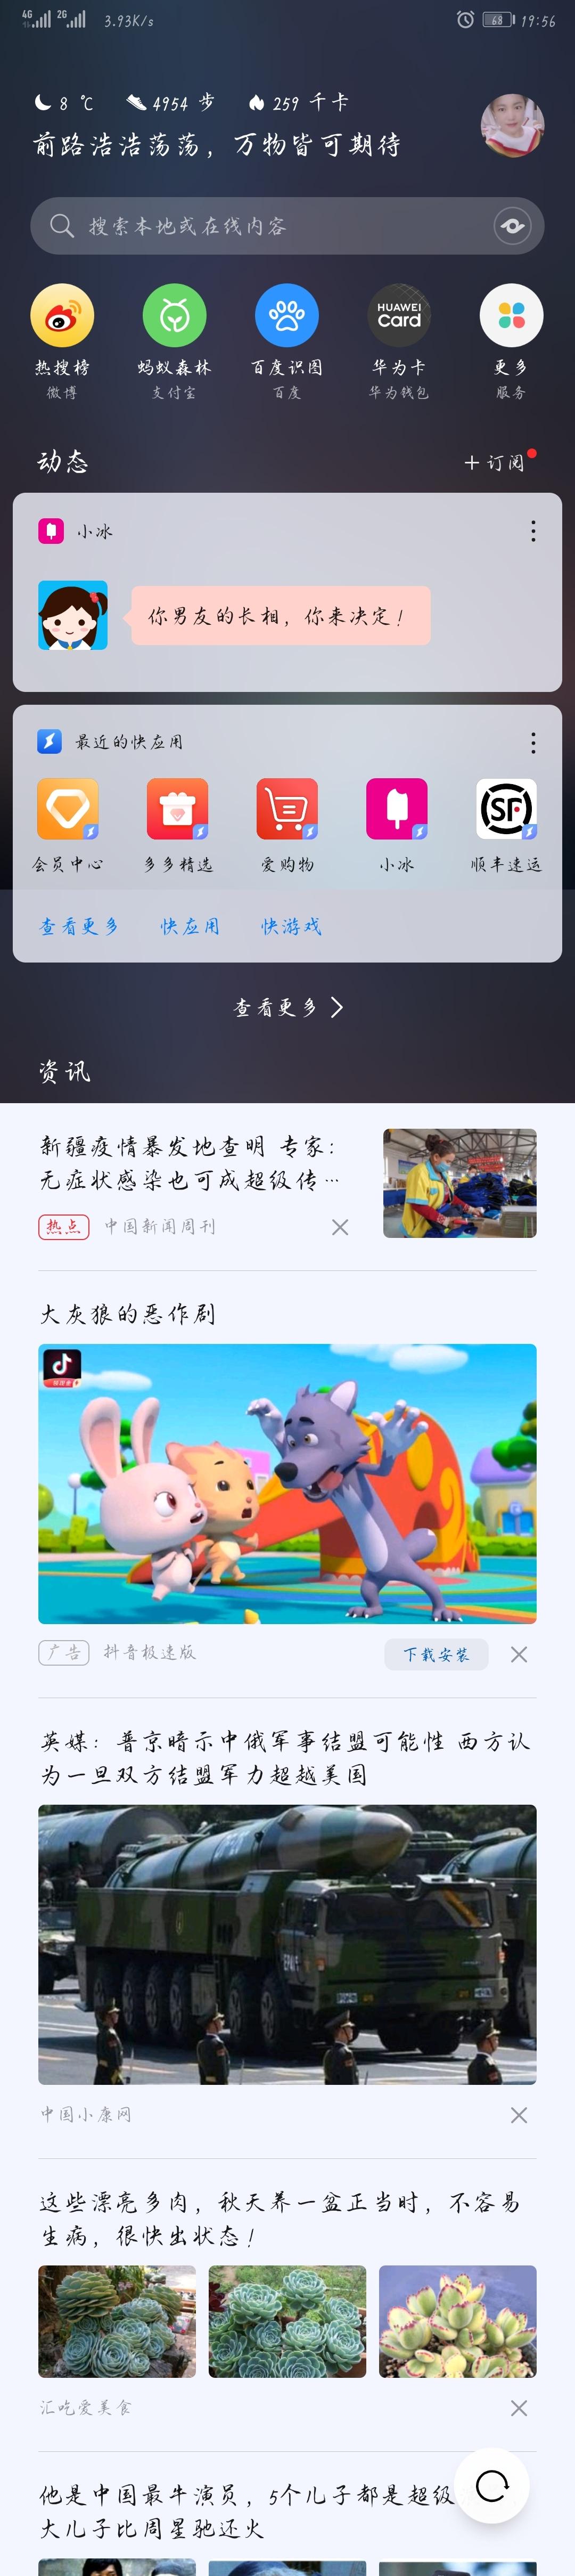 Screenshot_20201028_195645_com.huawei.android.launcher.jpg